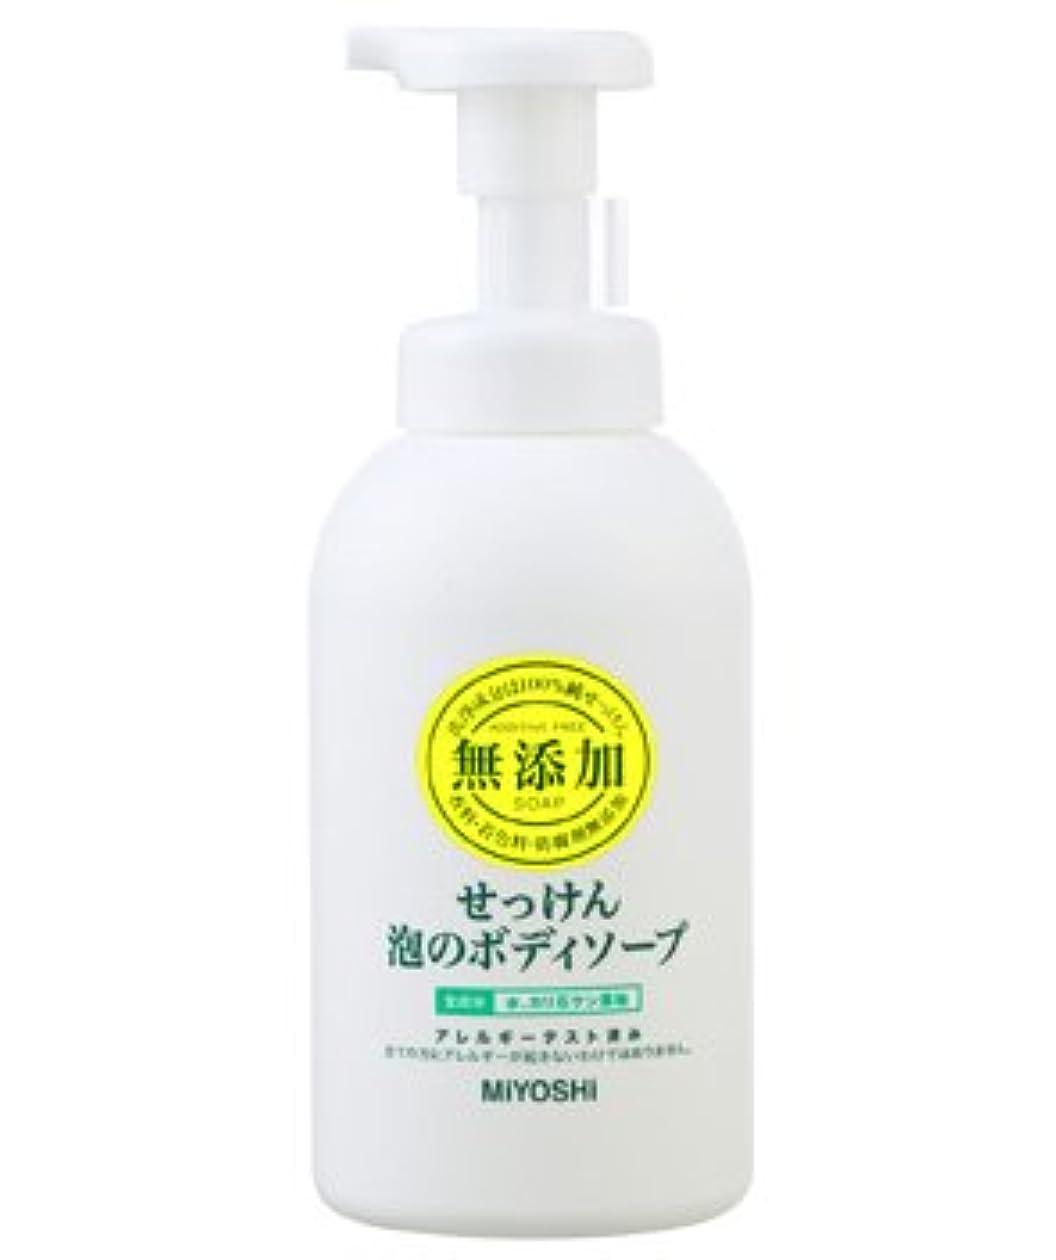 リルひそかにメロドラマティックミヨシ石鹸 無添加 せっけん 泡のボディソープ 500ml(無添加石鹸)×15点セット (4537130101544)